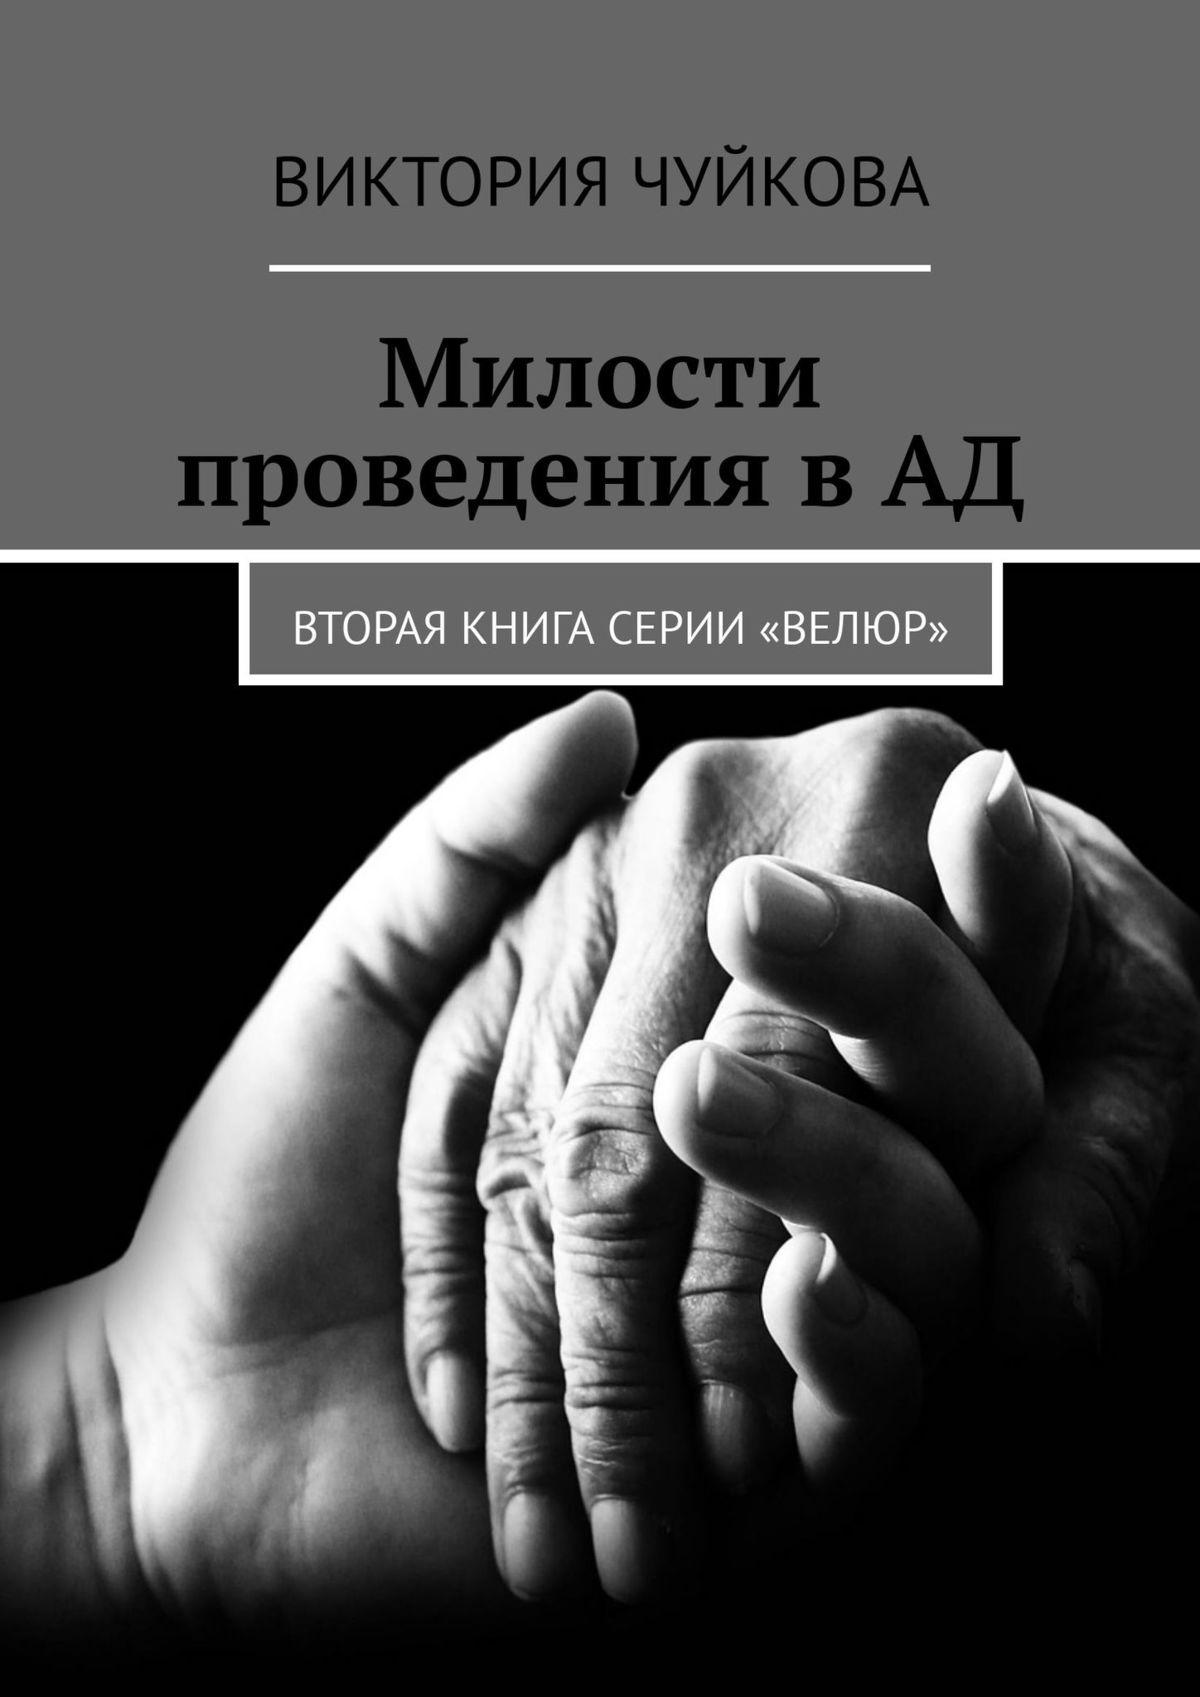 Милости проведения. Вторая книга серии «ВеЛюр»